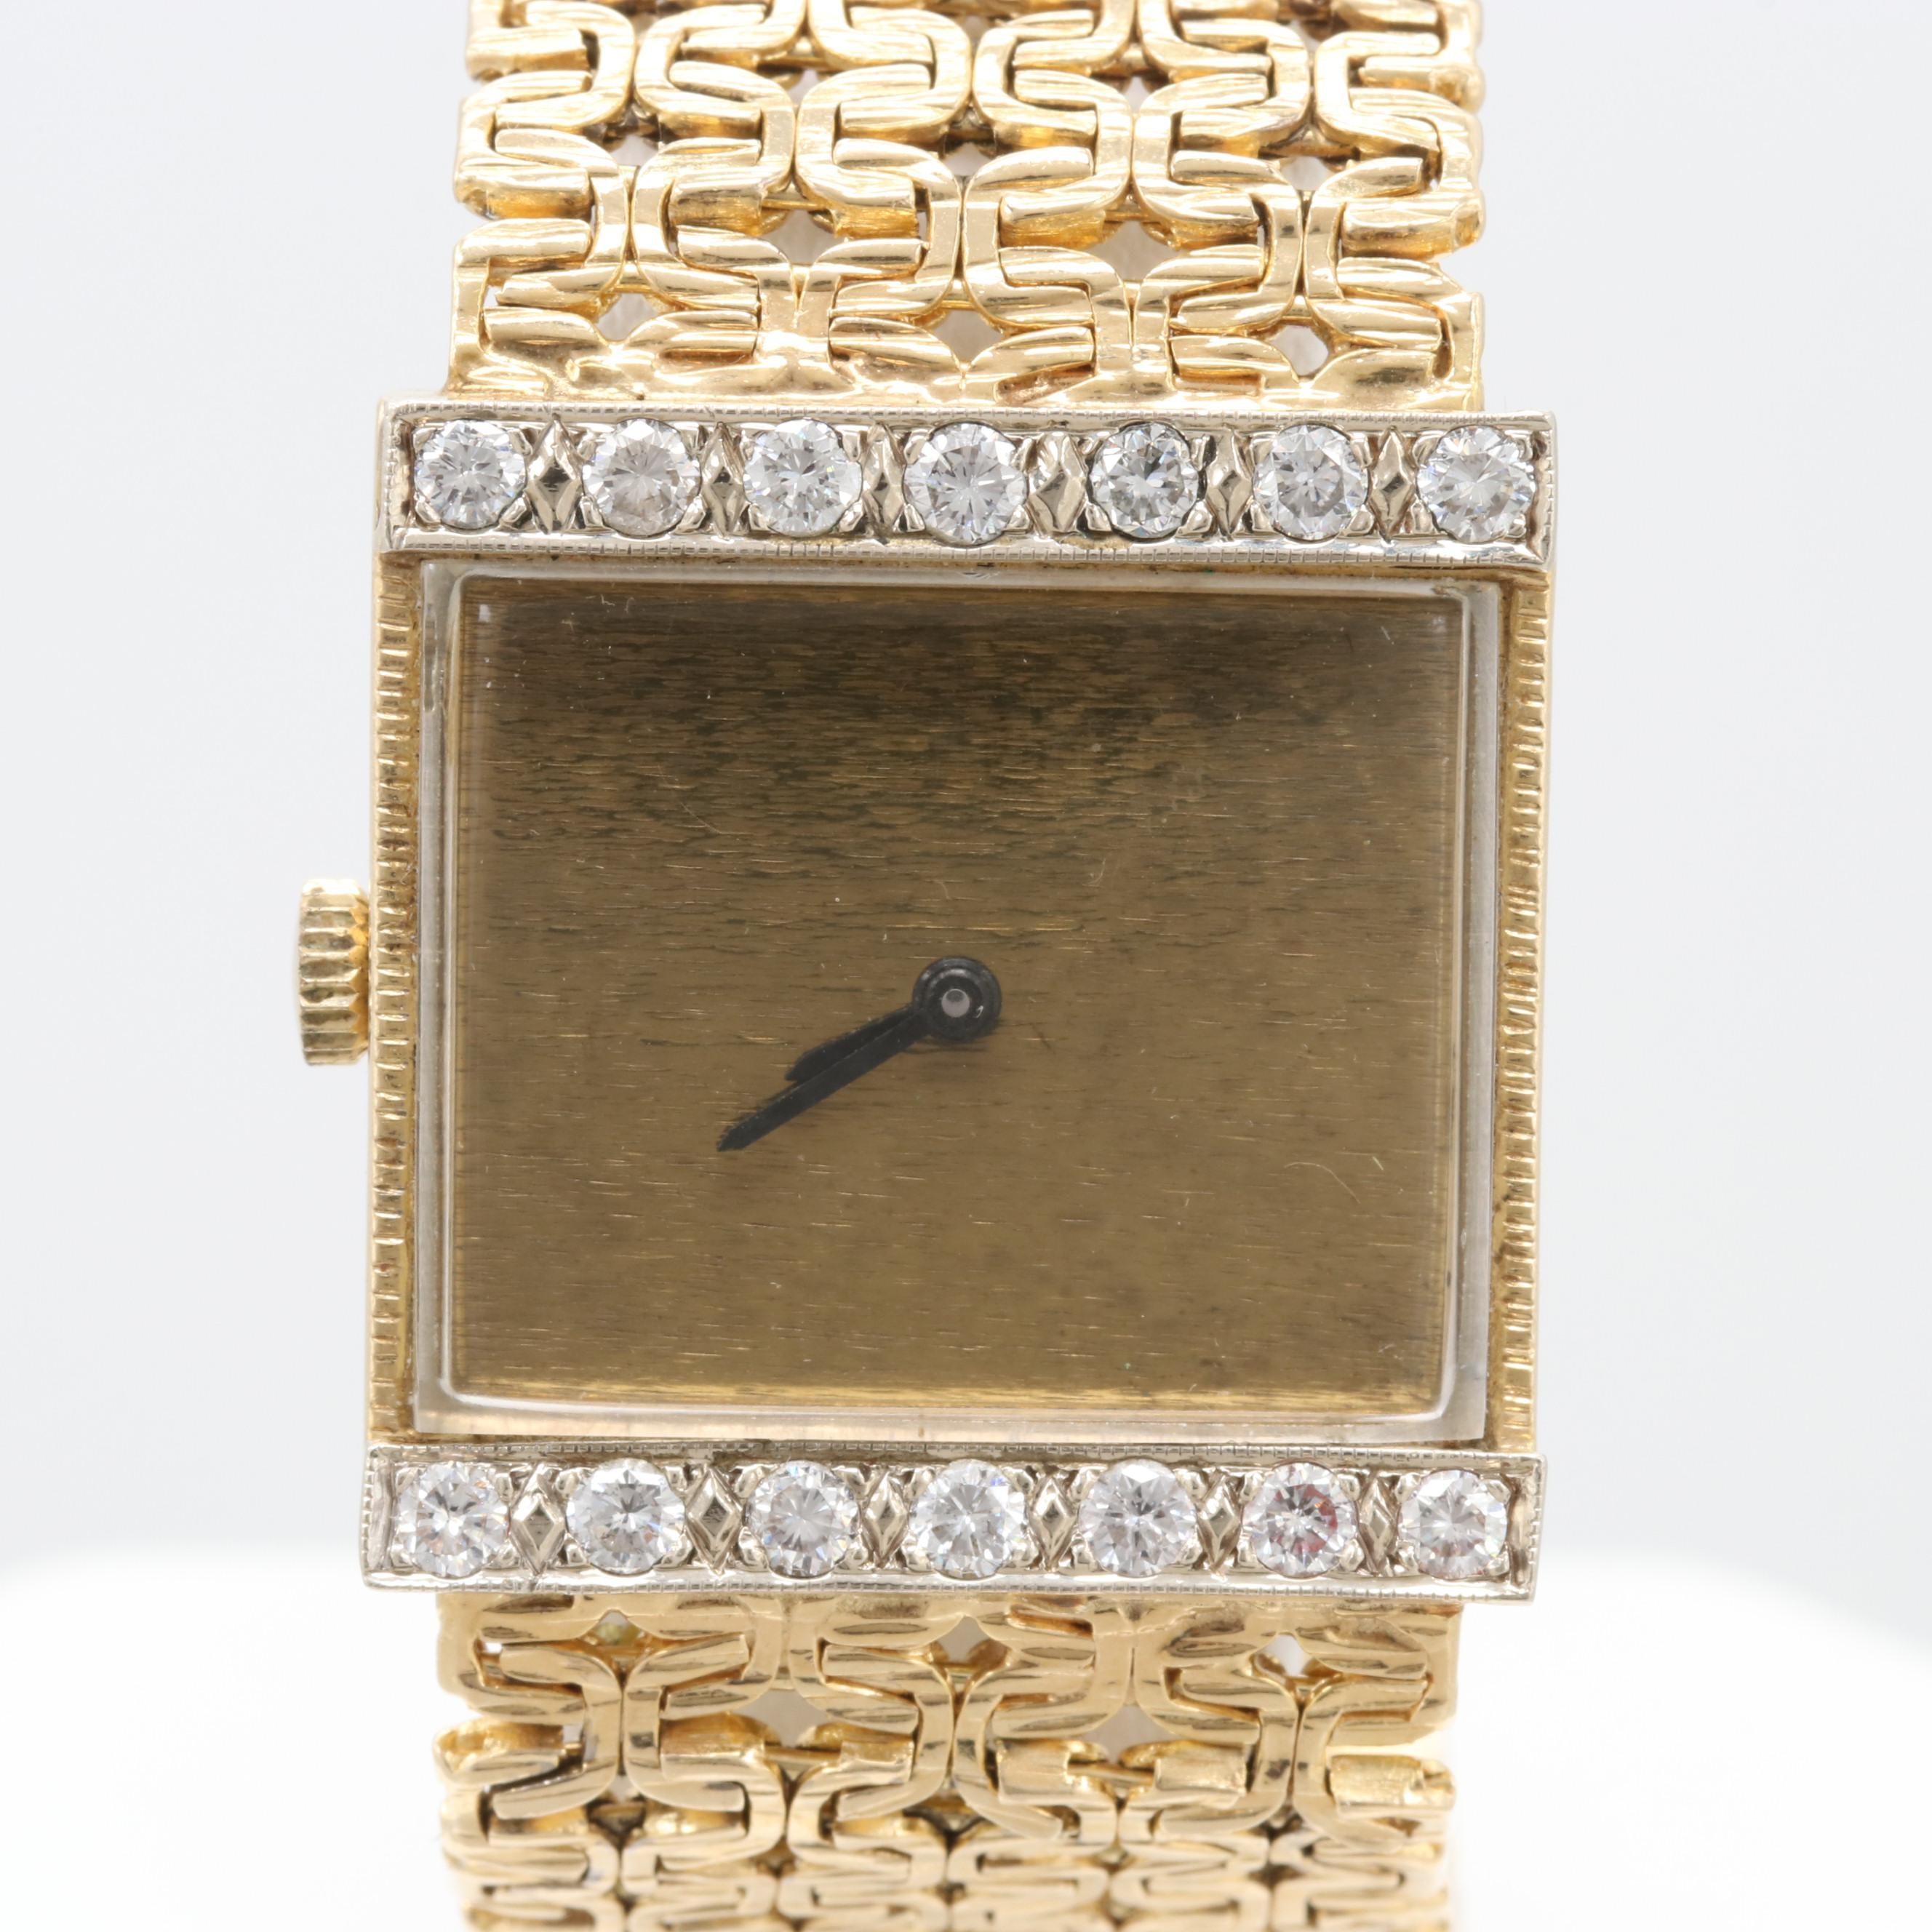 14K Yellow Gold Stem Wind Mathey-Tissot Wristwatch With Diamond Bezel